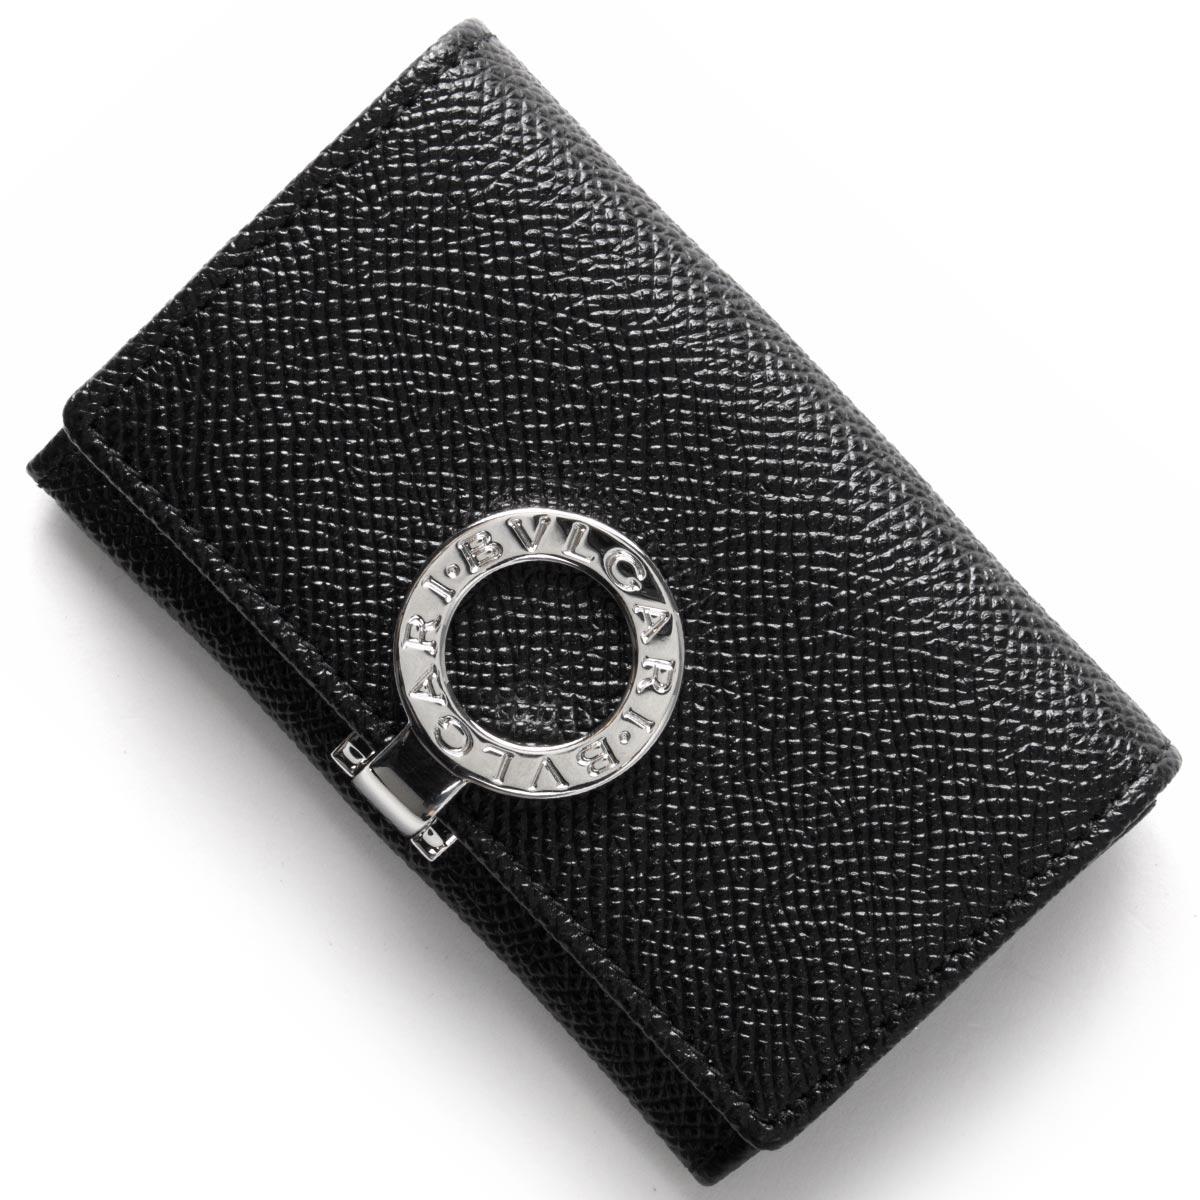 ブルガリ BVLGARI コインケース【小銭入れ】 ブルガリブルガリ BB ブラック 33749 メンズ